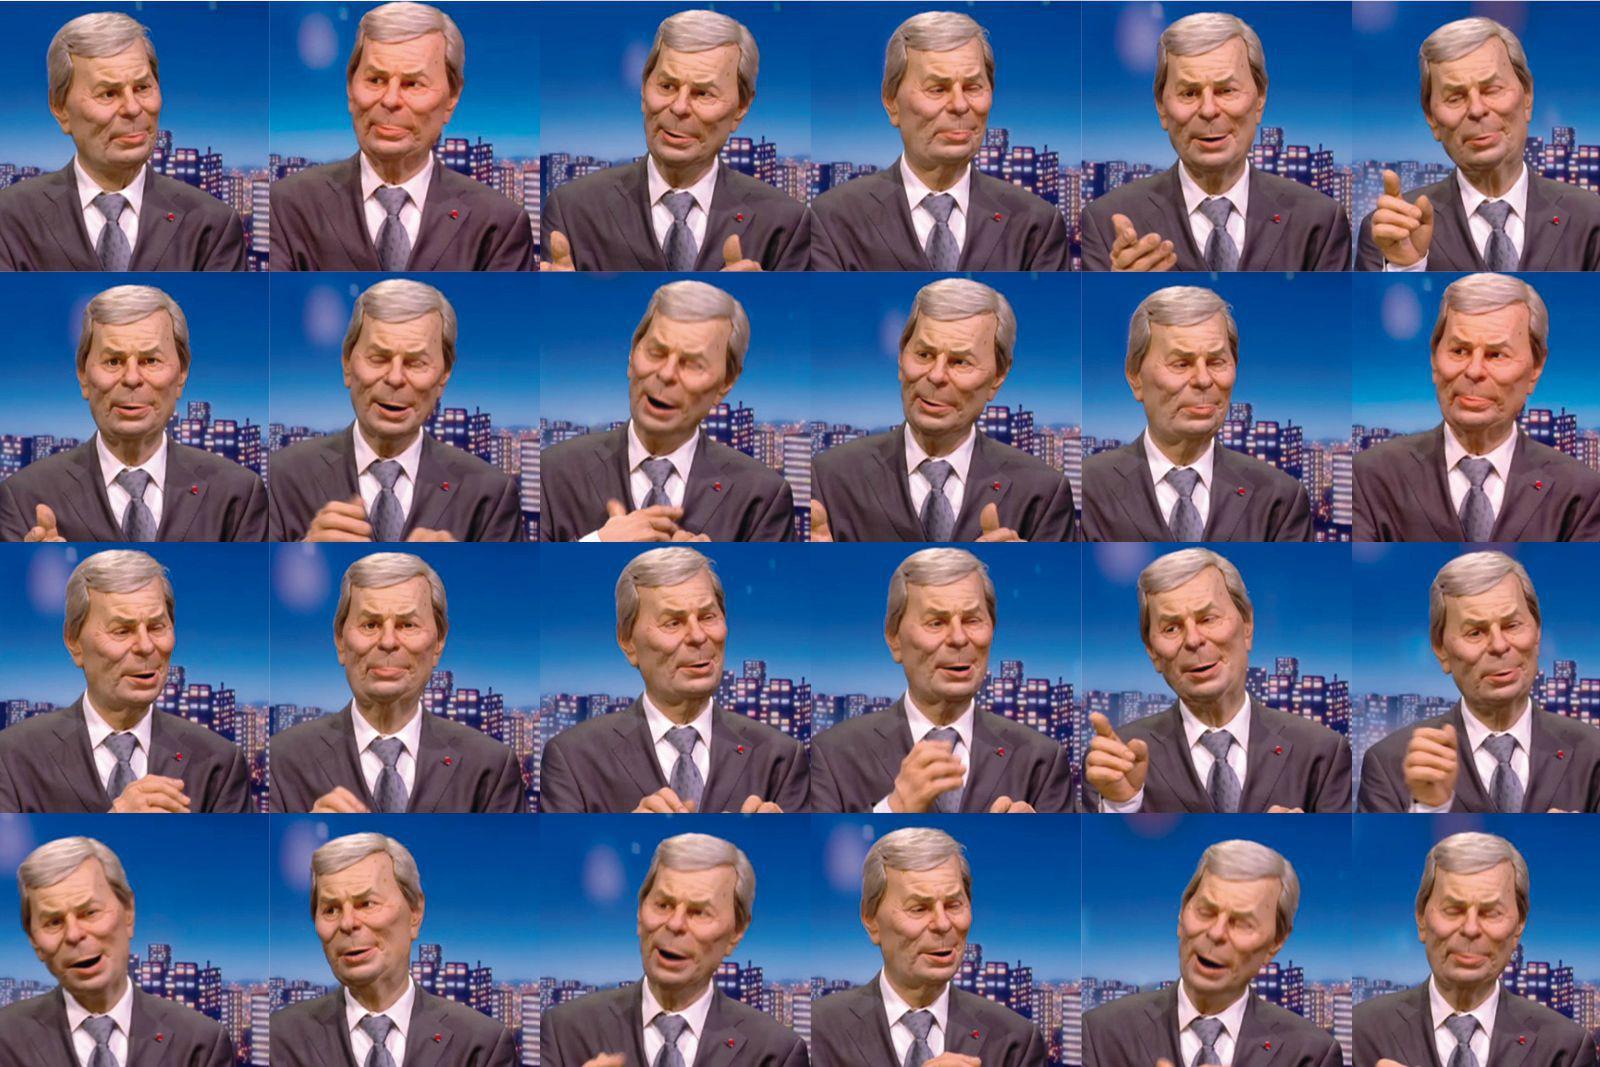 Maîtres du monde économique - Le règne des multinationales et des banques - Page 5 Canal-ouv-tt-width-1600-height-1067-fill-0-crop-0-bgcolor-eeeeee-lazyload-0